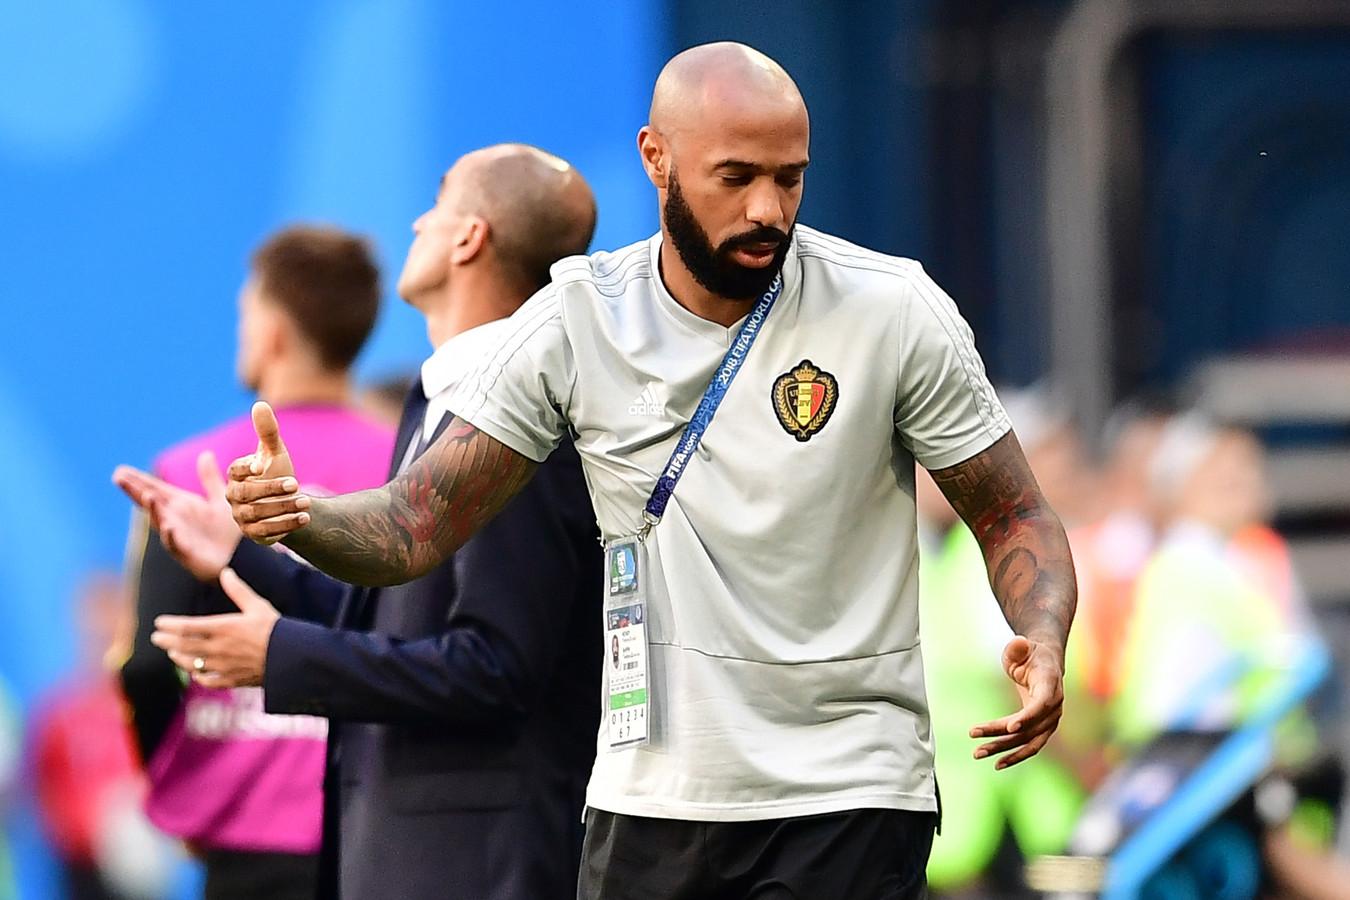 Thierry Henry was tijdens het WK assistent-coach bij België.